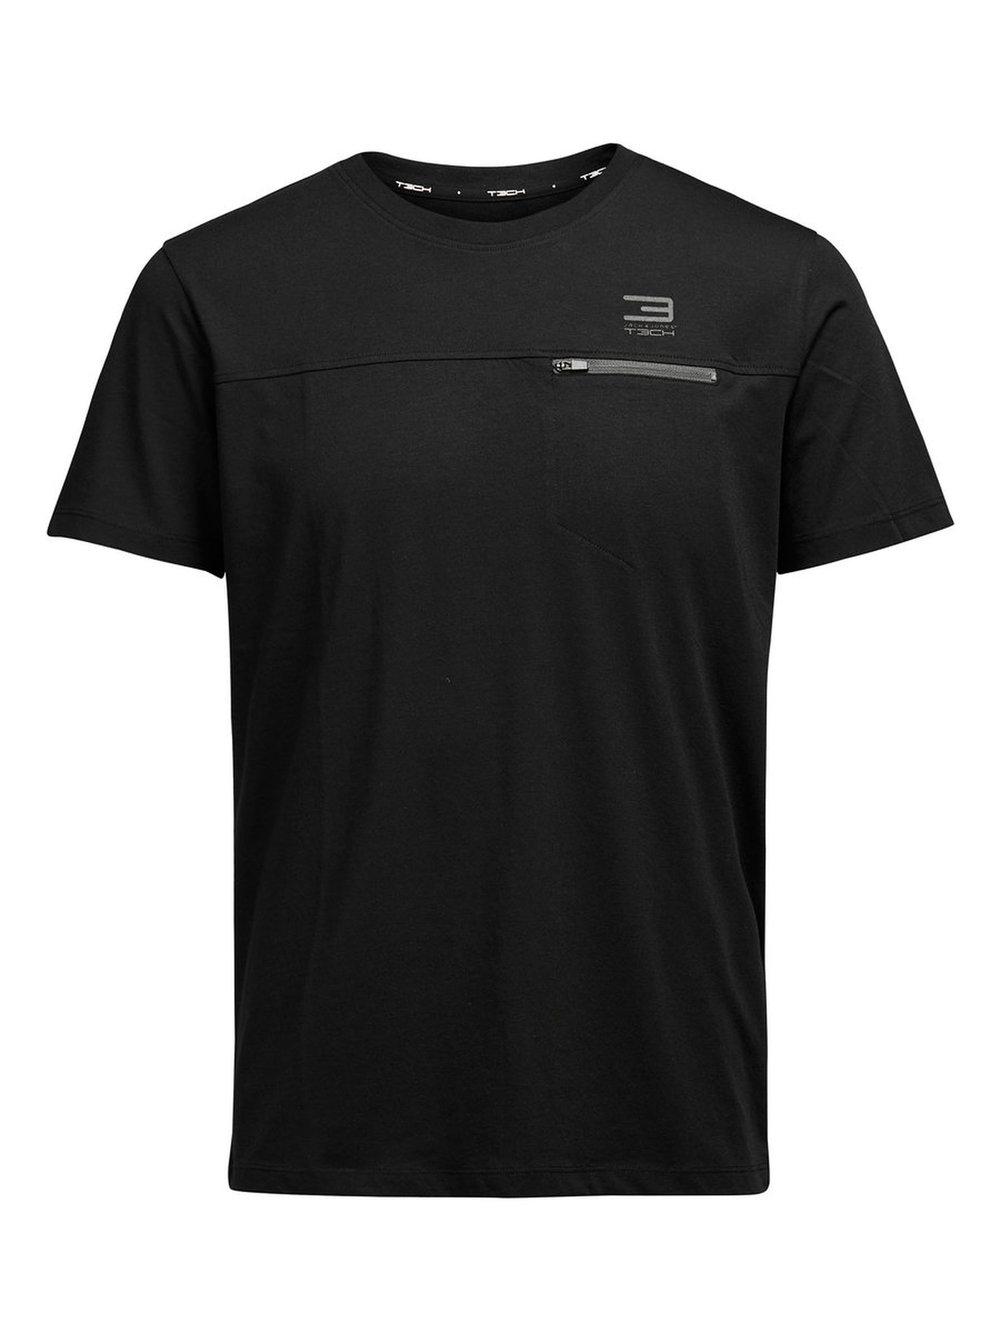 Quick dry t-shirt, £12 ( jackjones.com )